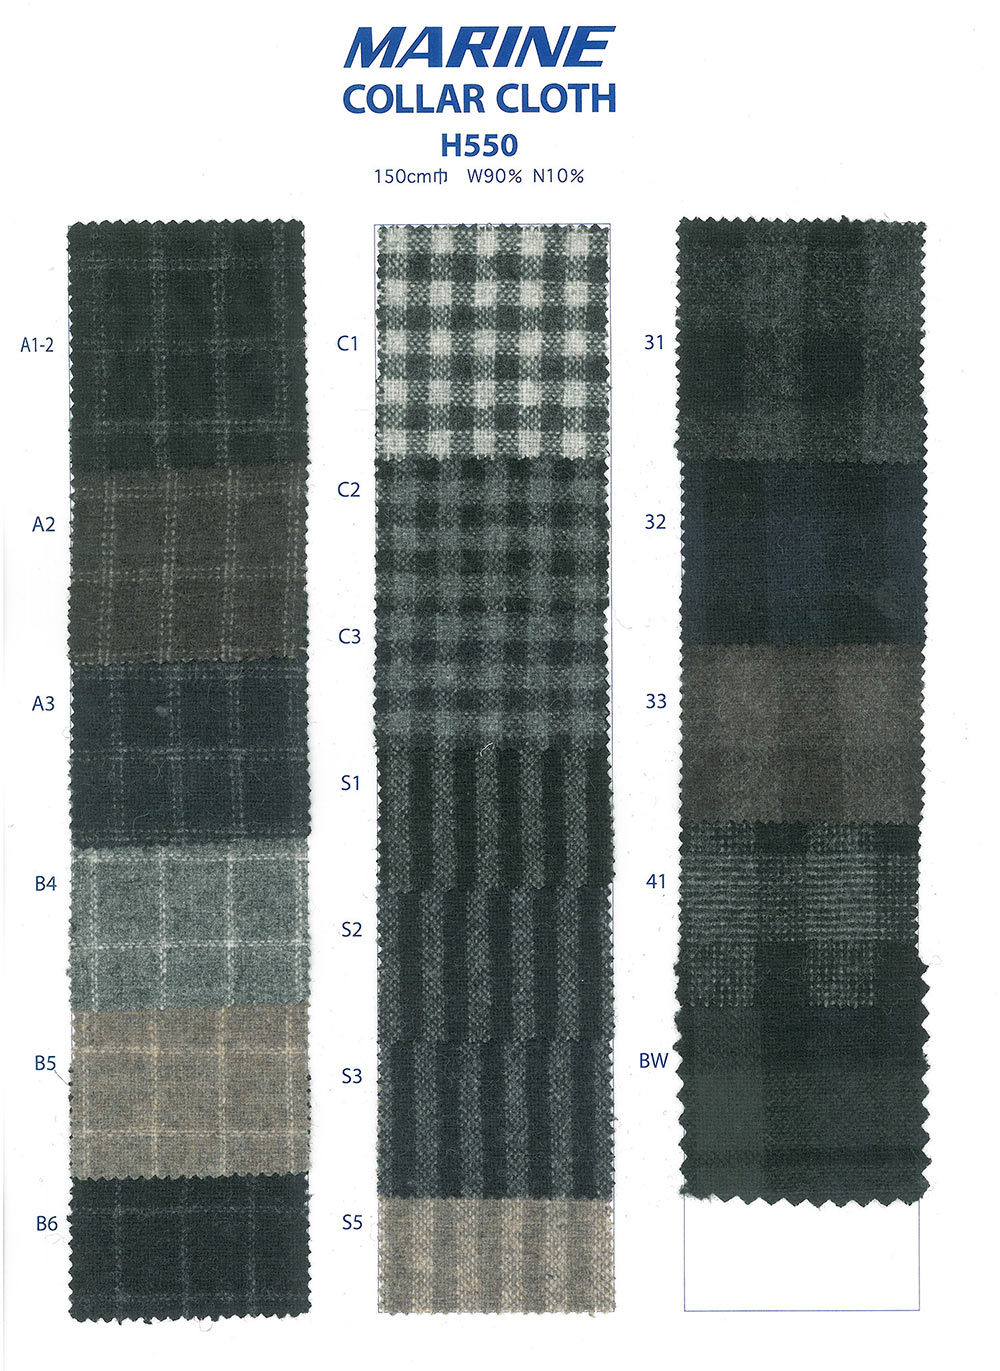 H550 マリンカラークロス オークラ商事 - ApparelX アパレル資材卸通販